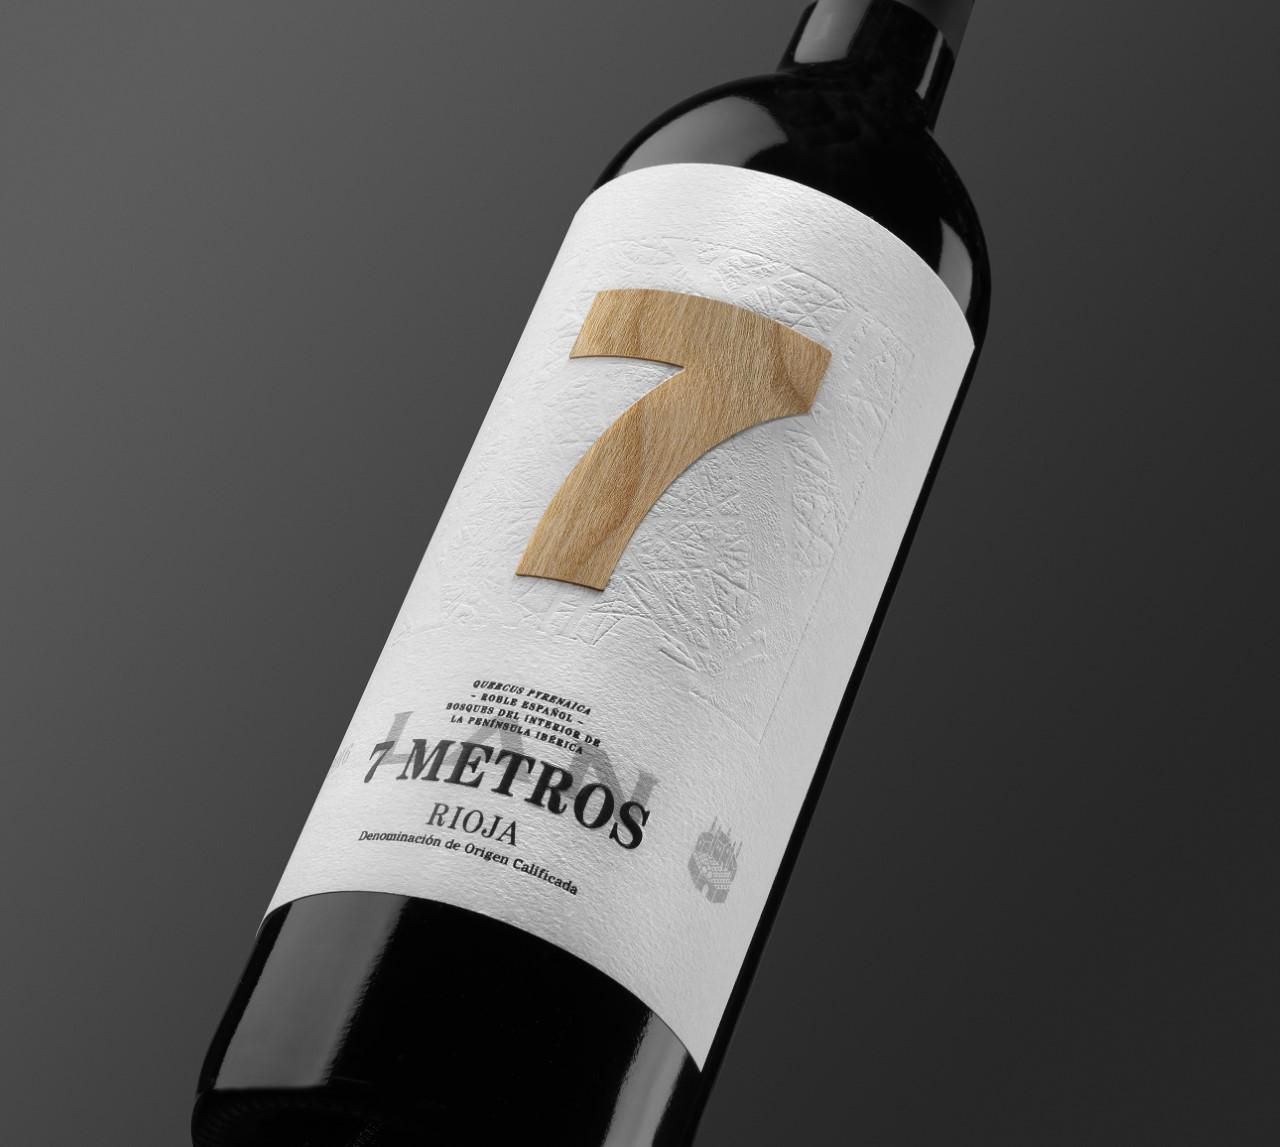 Llega la 2ª edición de un vino singular criado en roble español: LAN 7 Metros, la última innovación de LAN